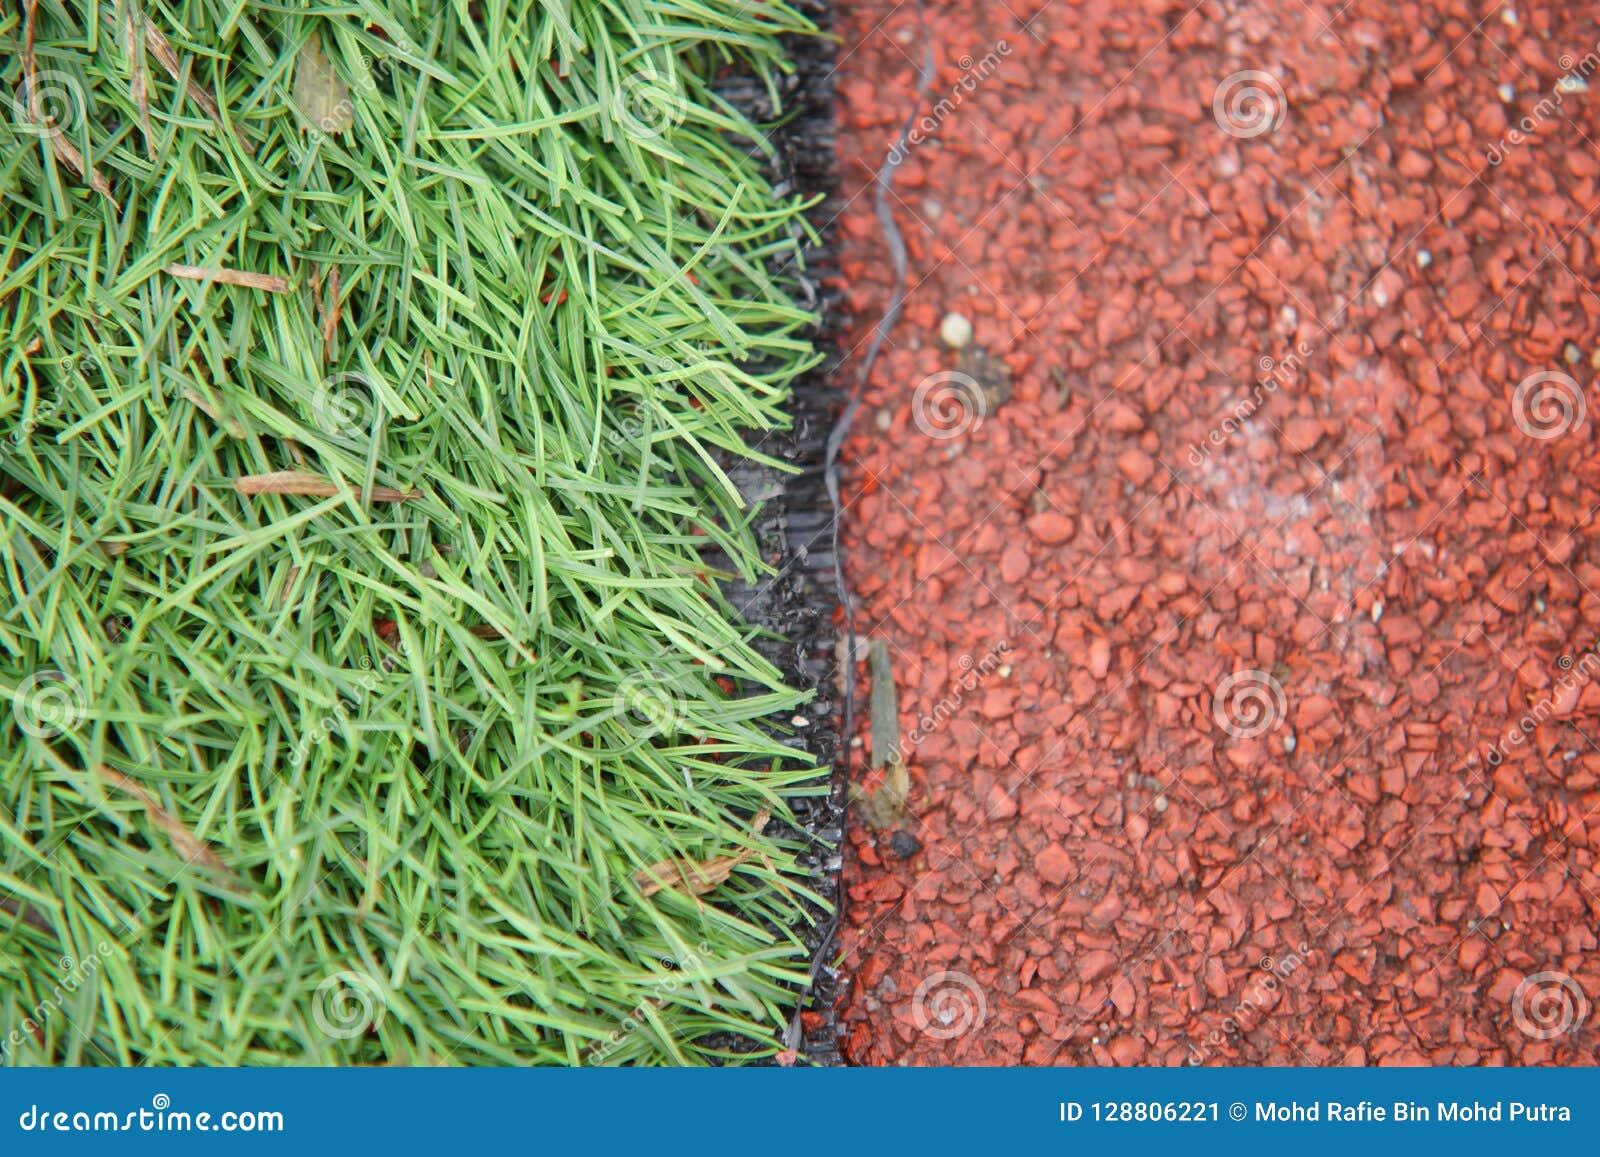 Фото легкой атлетики крупного плана искусственной с зеленой травой совместило с искусственной травой